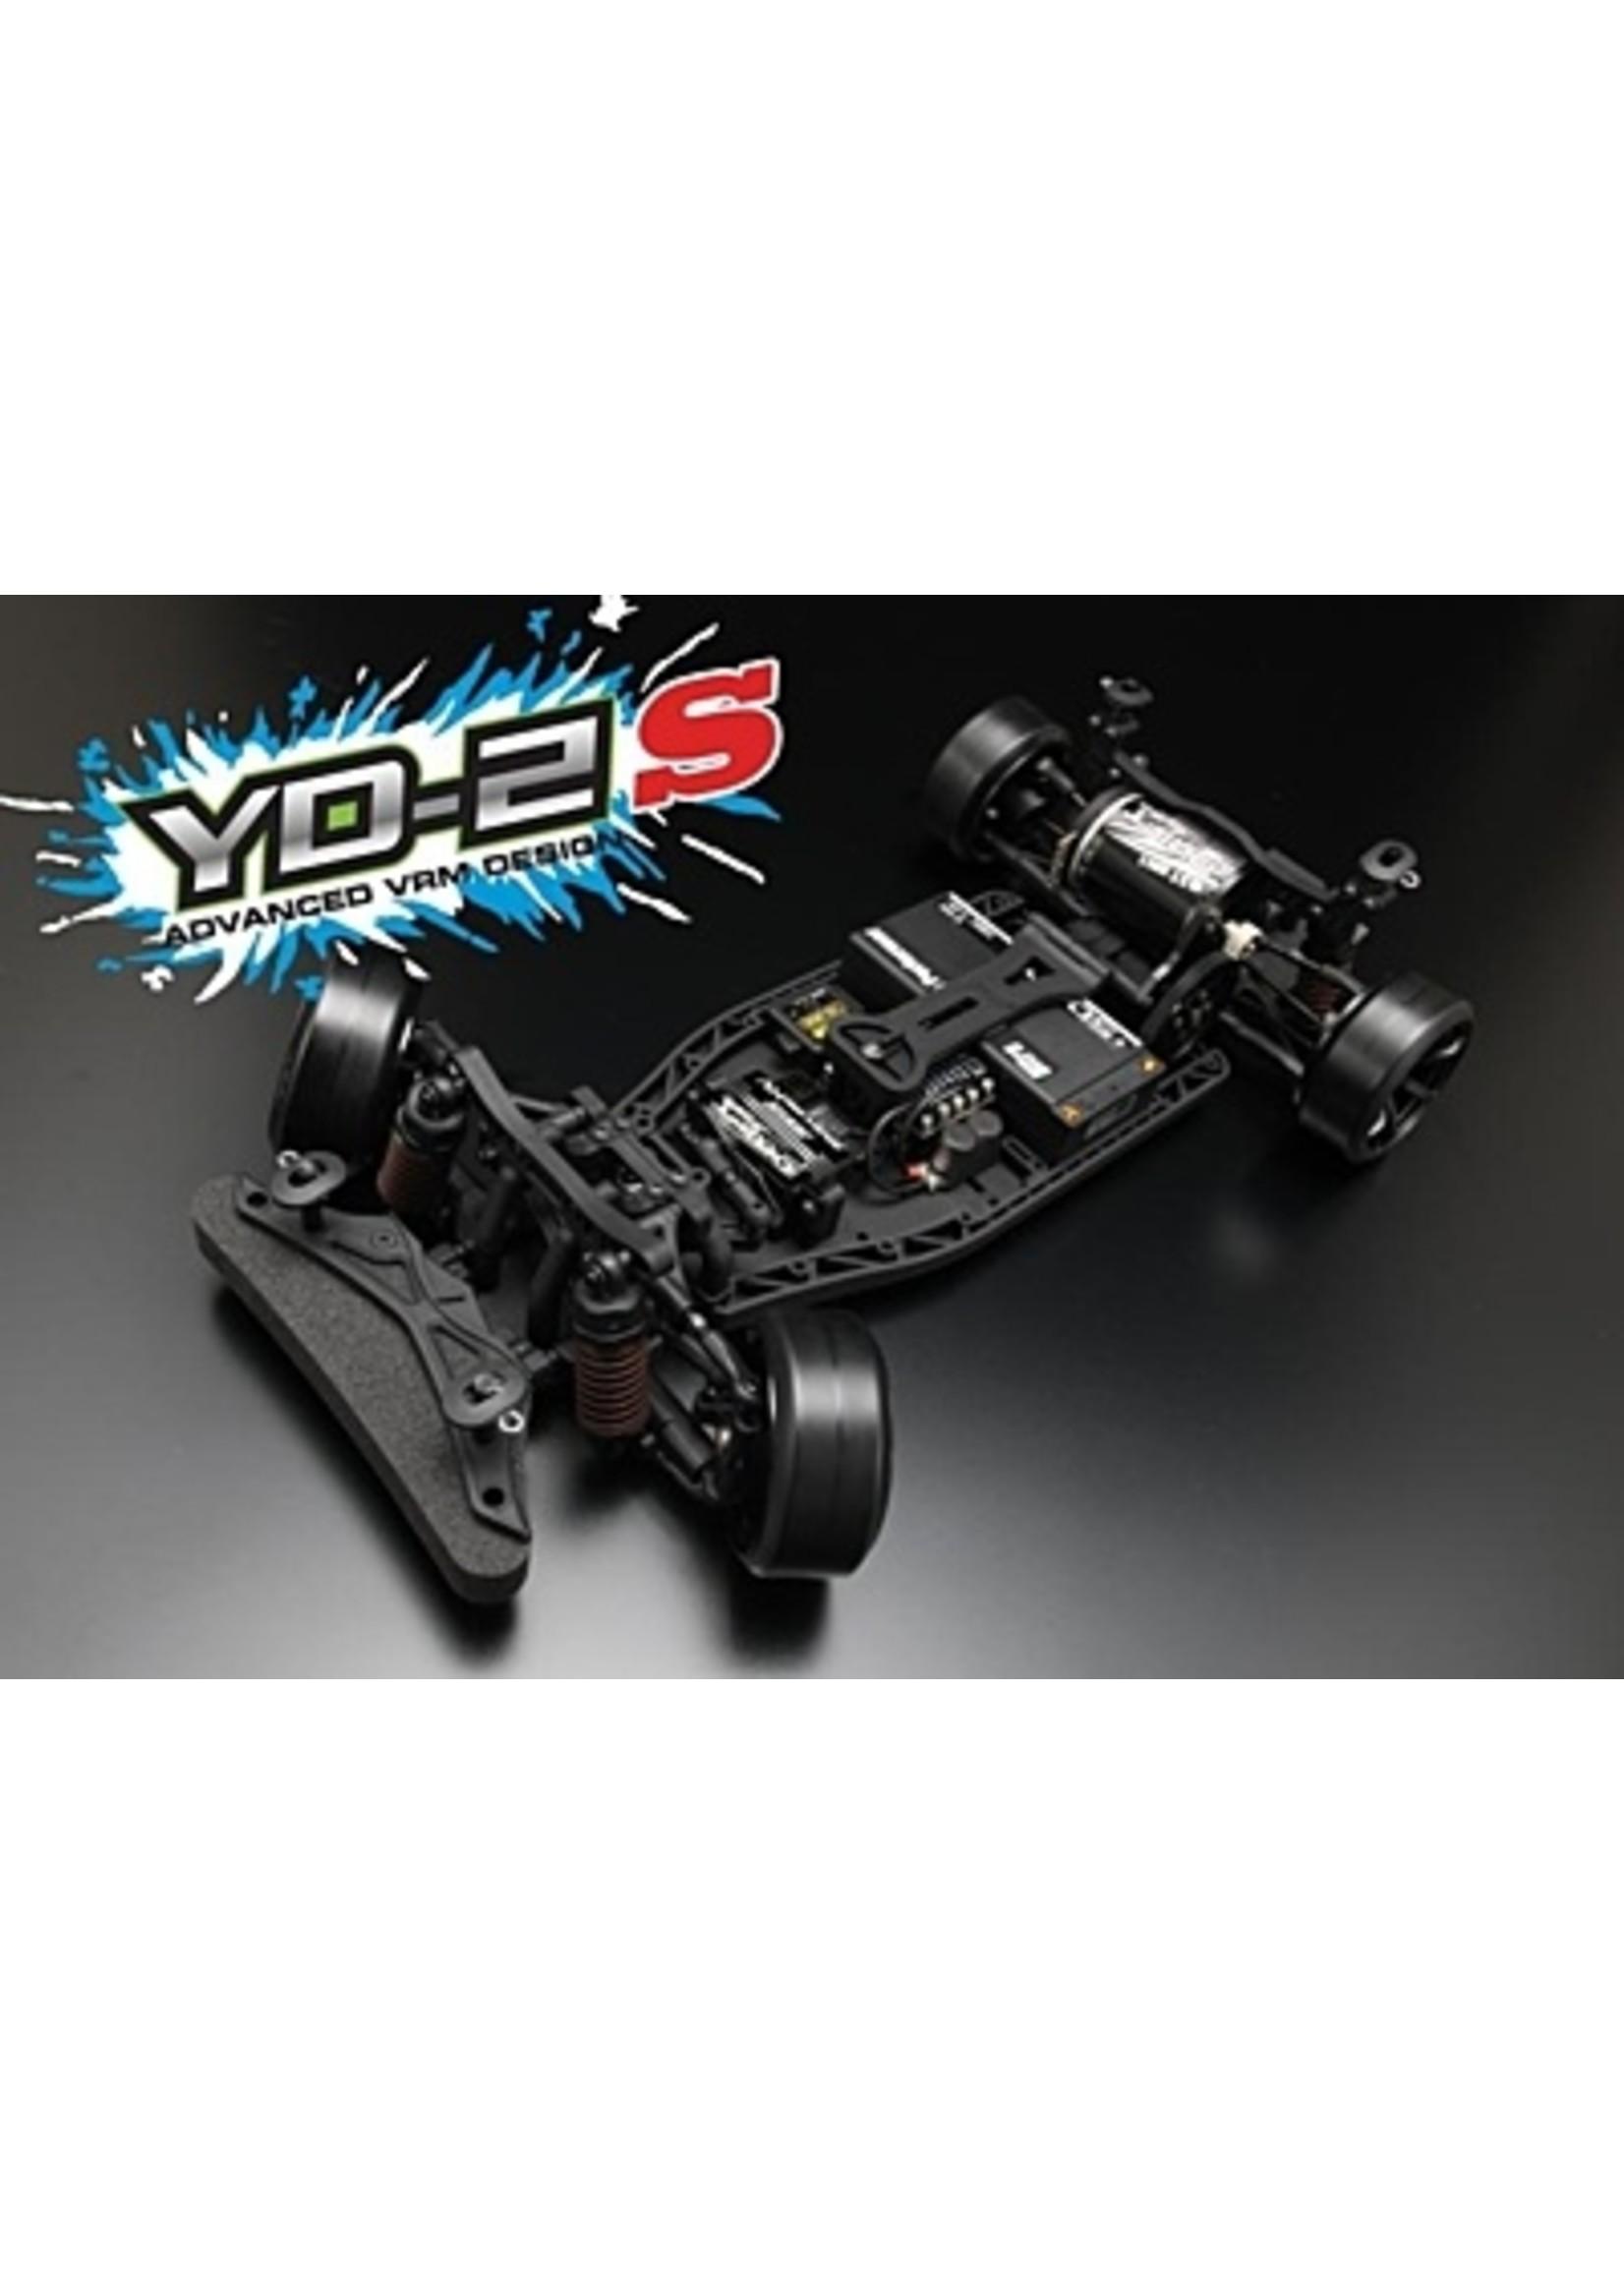 Yokomo Yokomo YD-2S RWD Drift Car (Plastic chassis)DP-YD2S